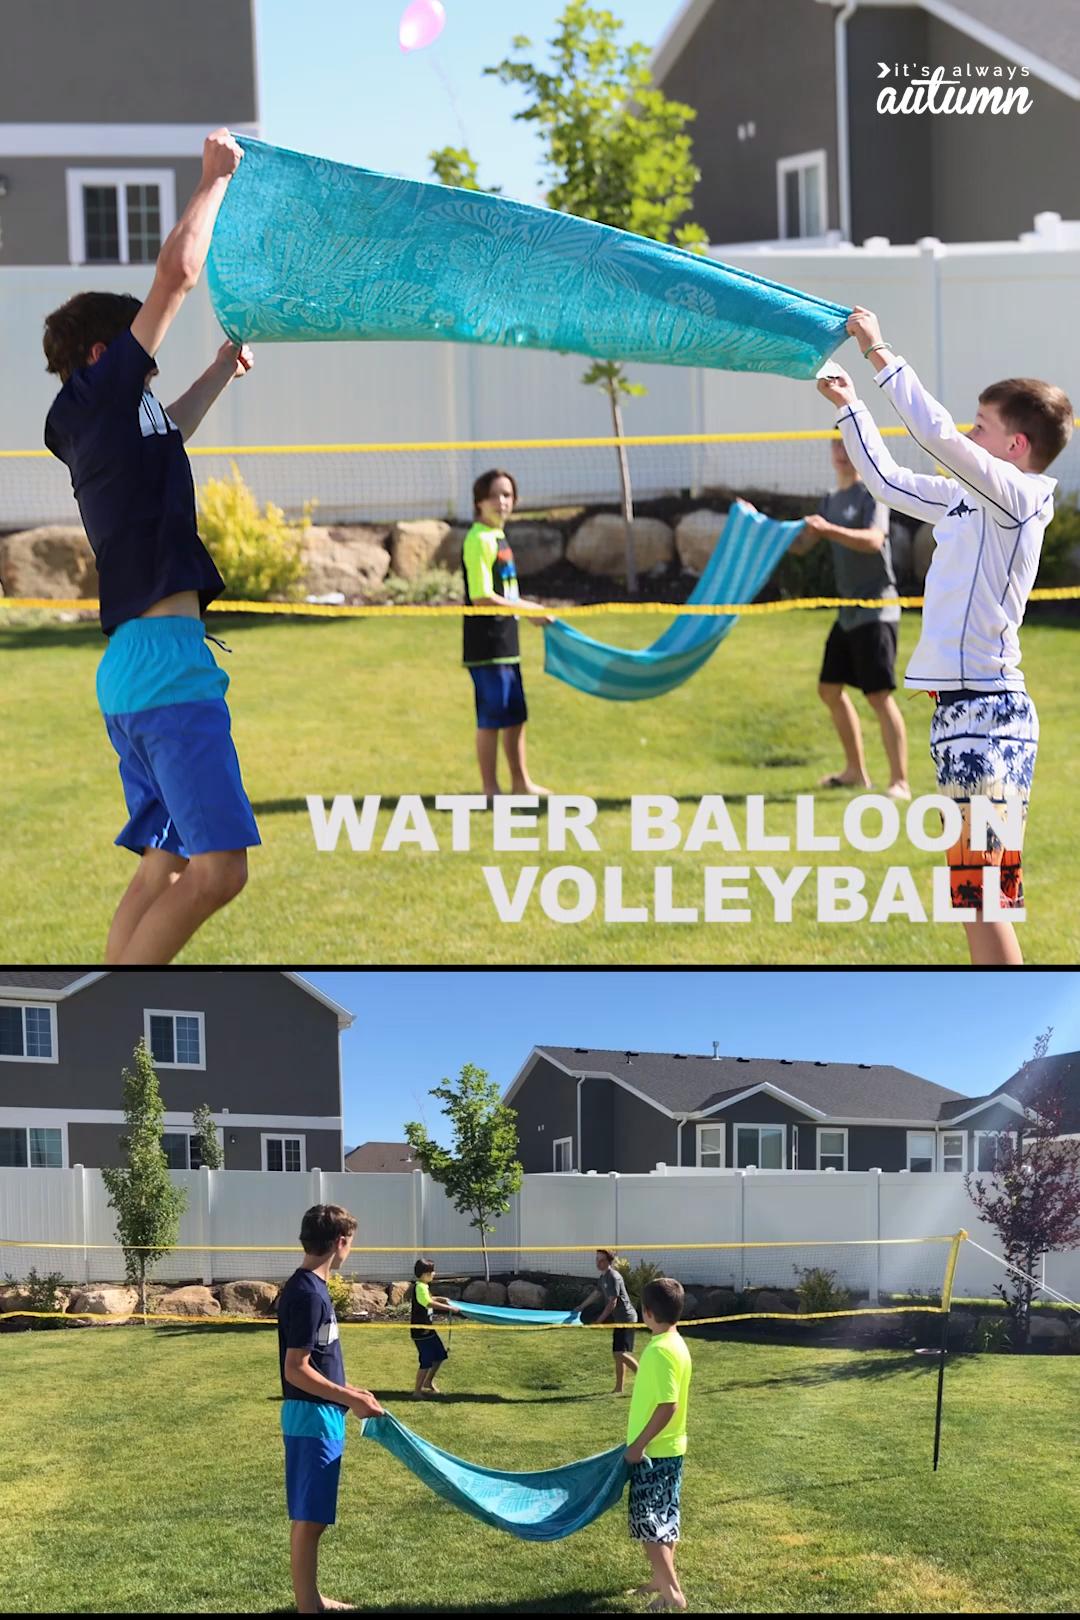 Mundo De Agua De Balonvolea Es El Verano Valentísimo Para El Agua Recreo Para Fiestas R En 2020 Juegos Para Adolescentes Juegos De Verano Juegos Deportivos Para Niños